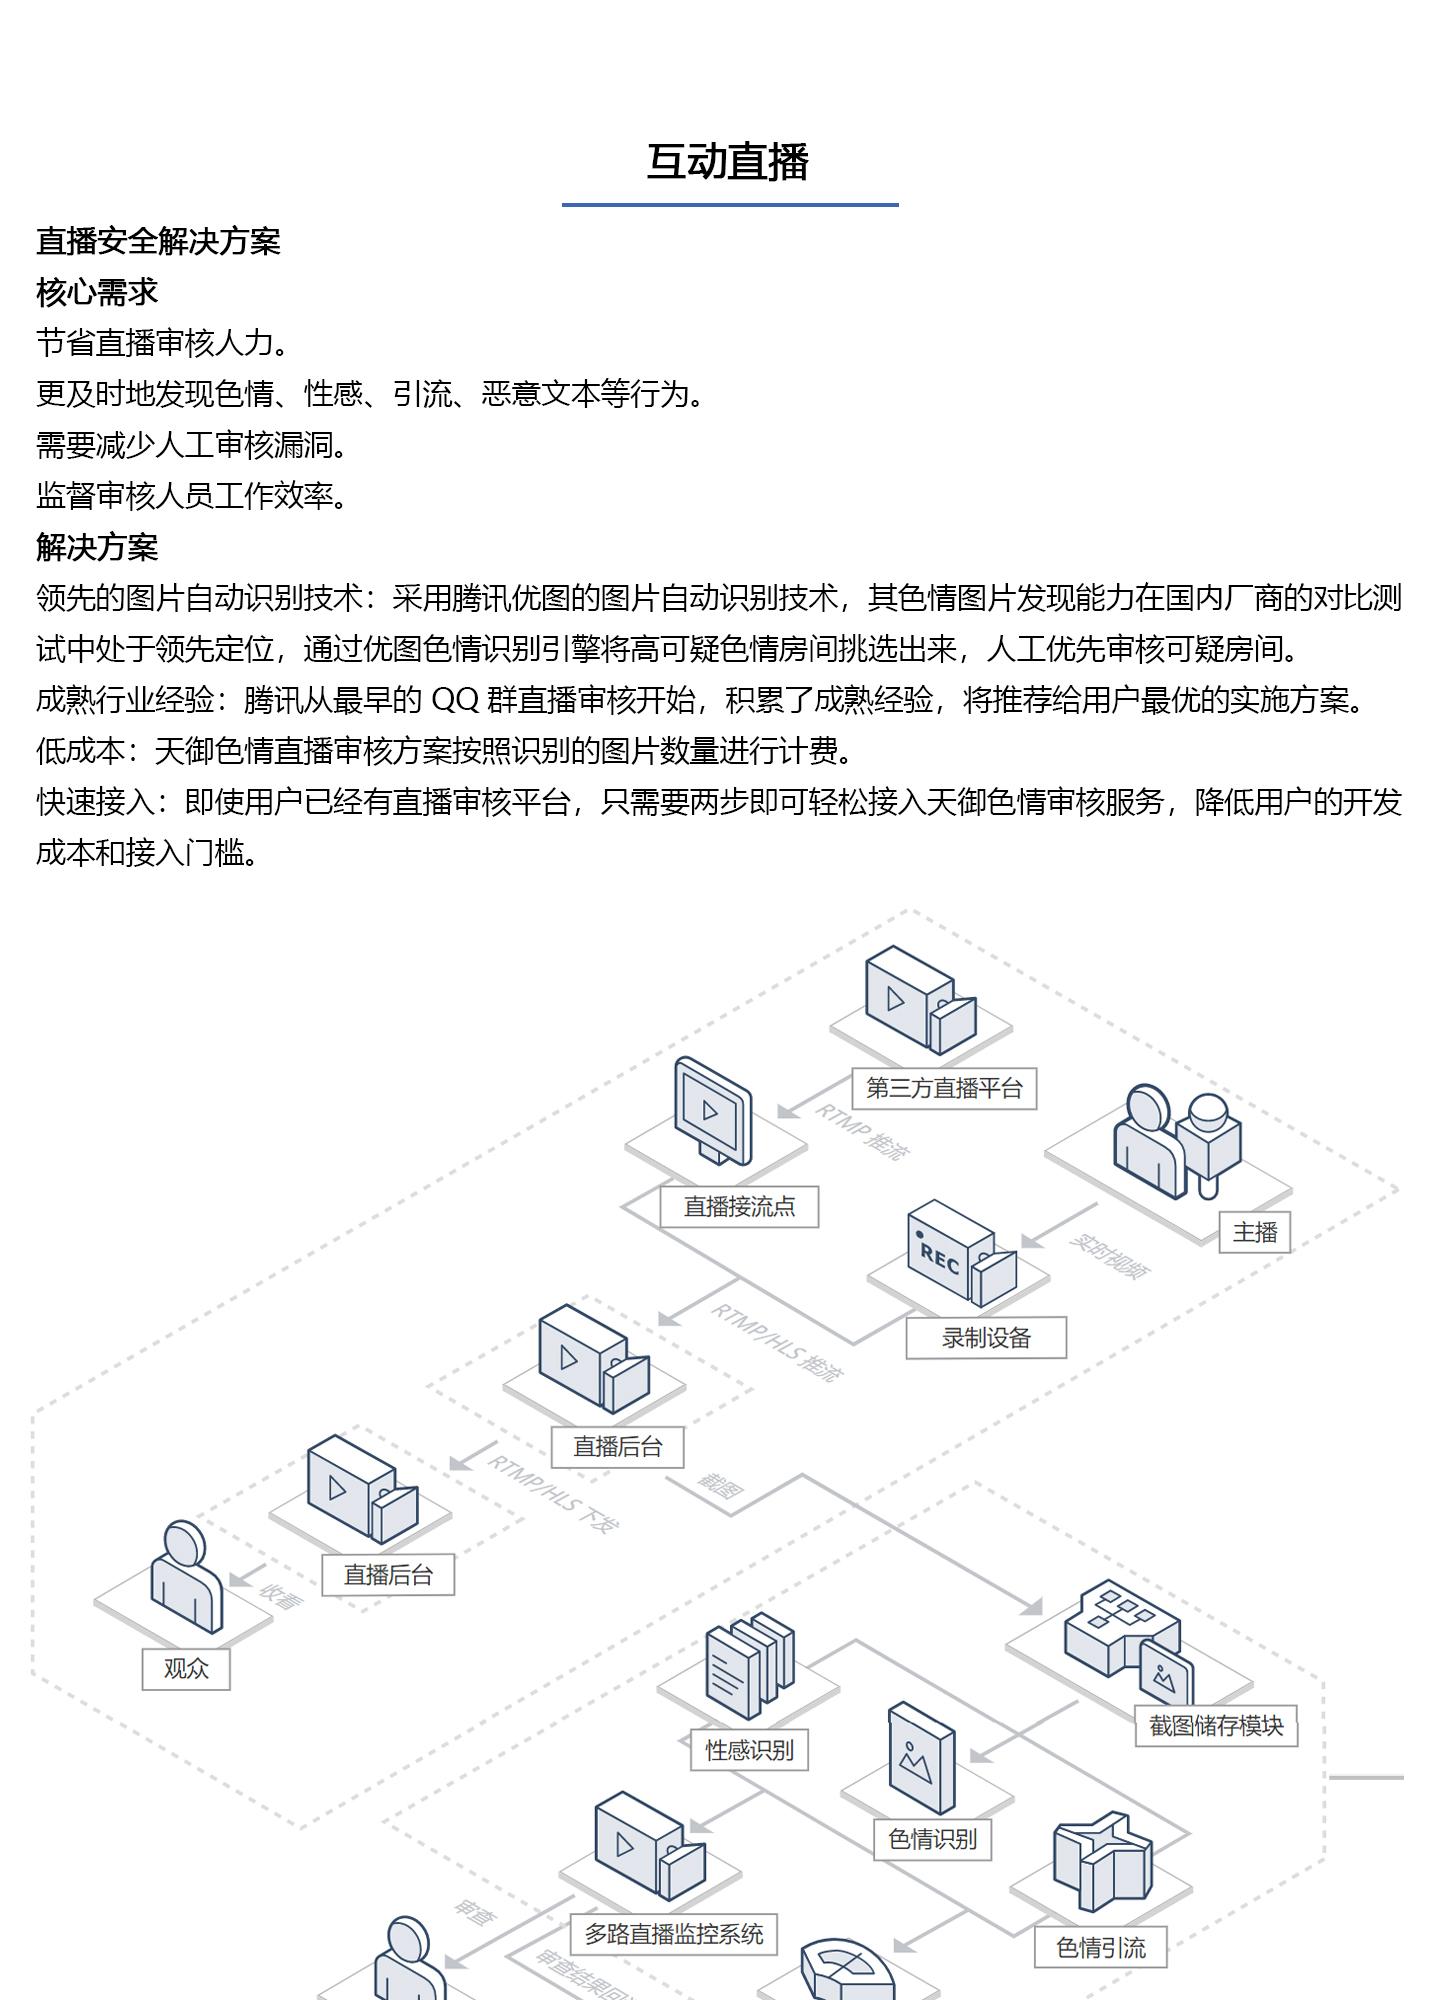 直播安全解决方案1440_03.jpg